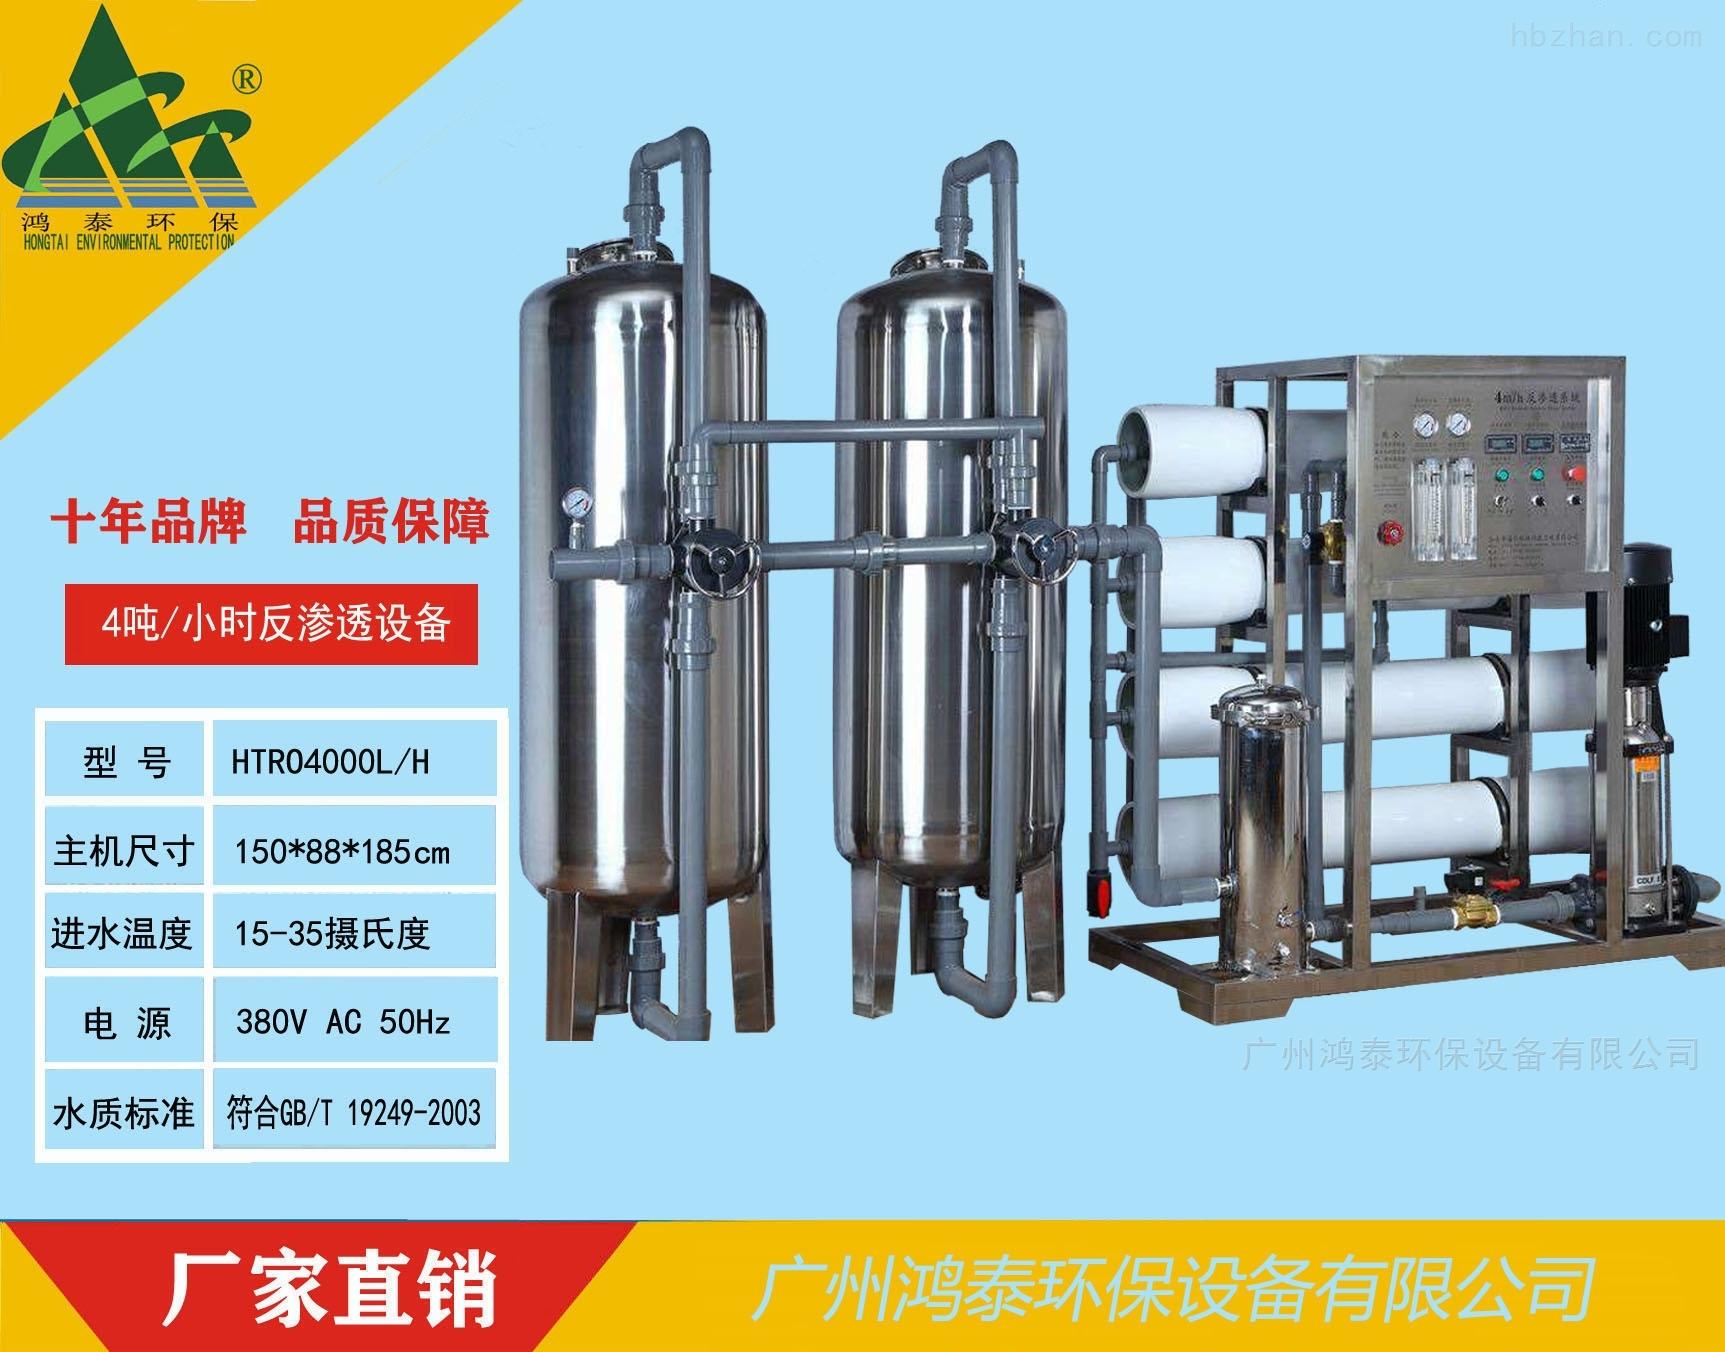 4吨/小时反渗透纯水设备